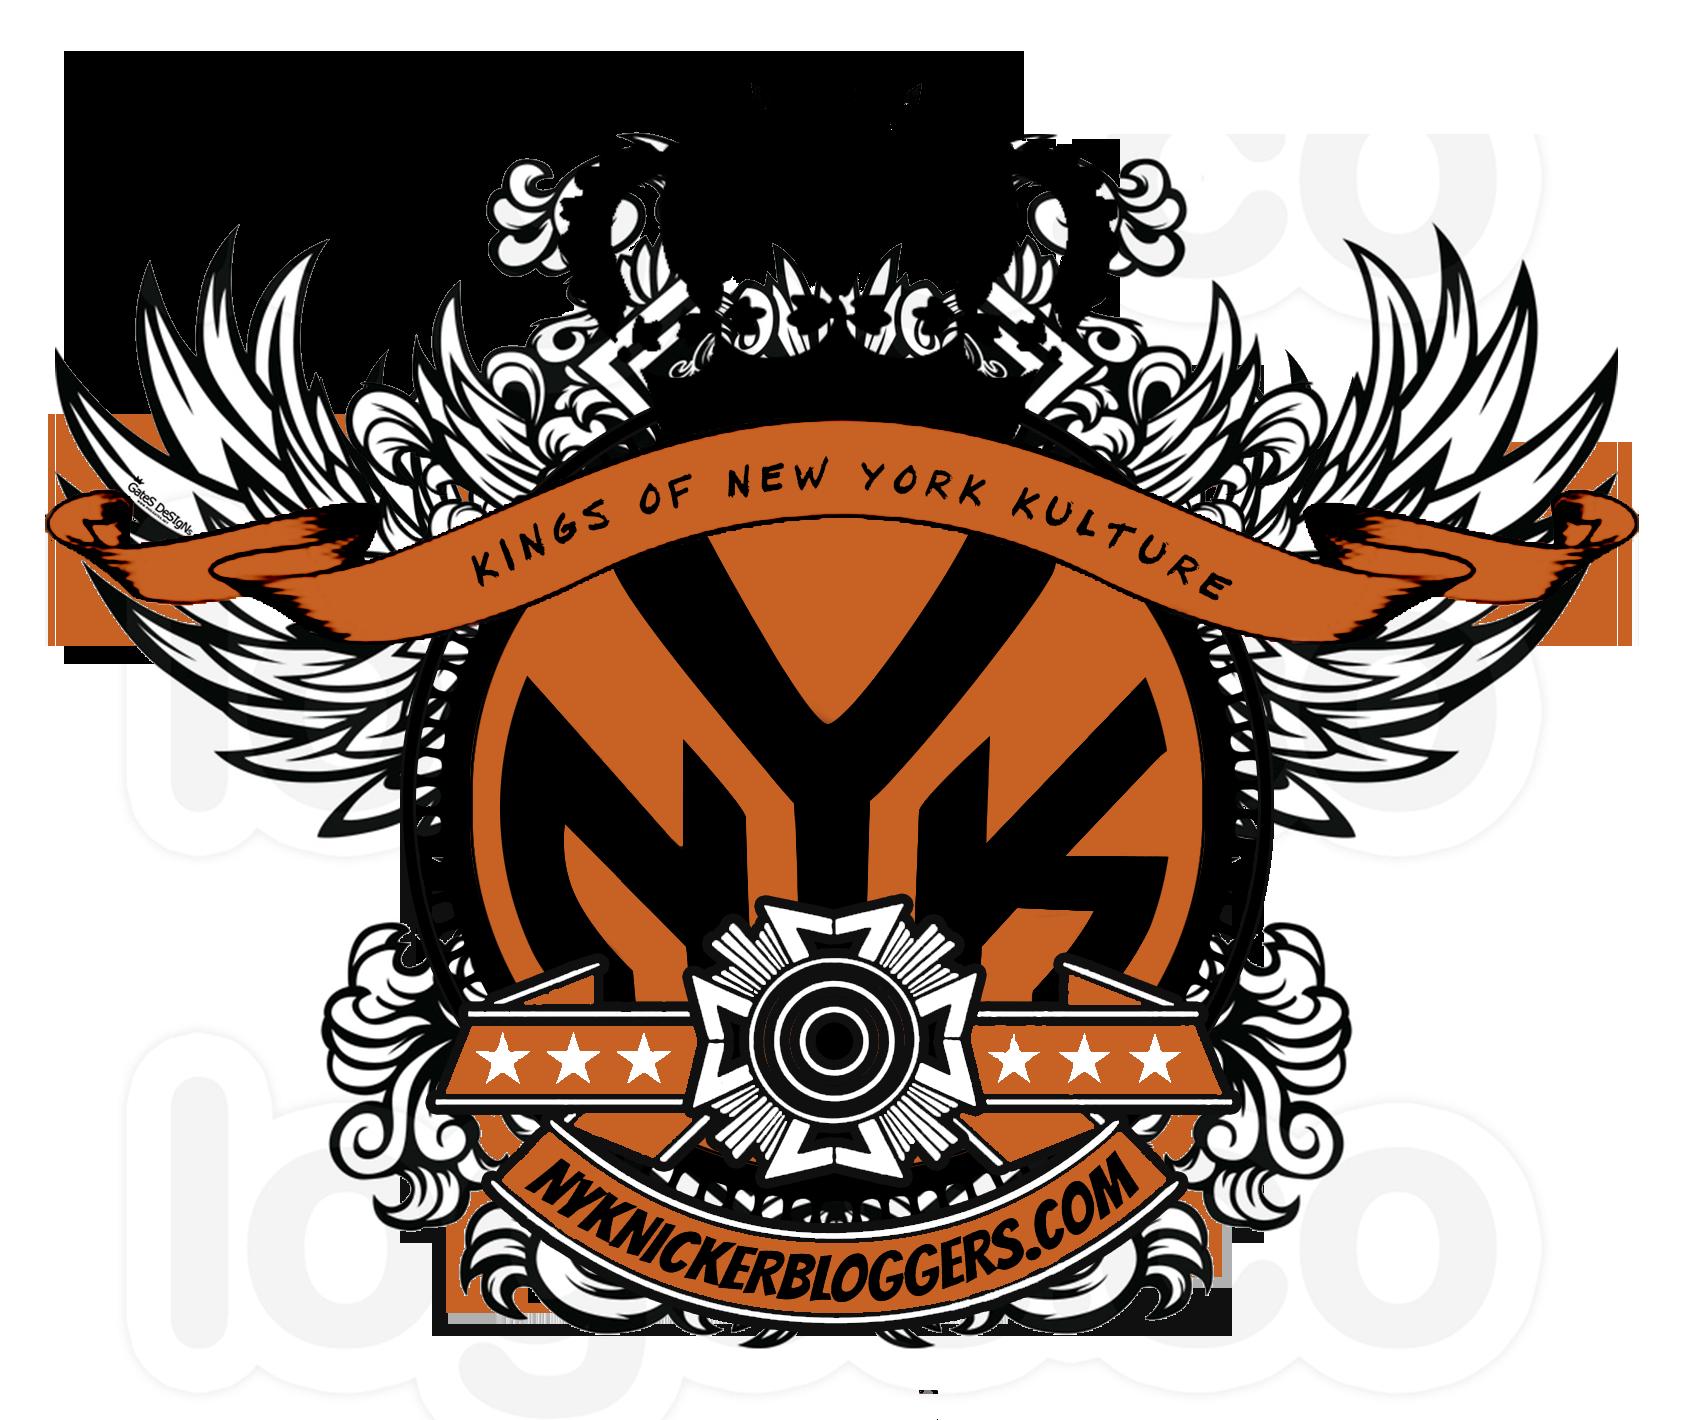 NYKnickerBloggers.com